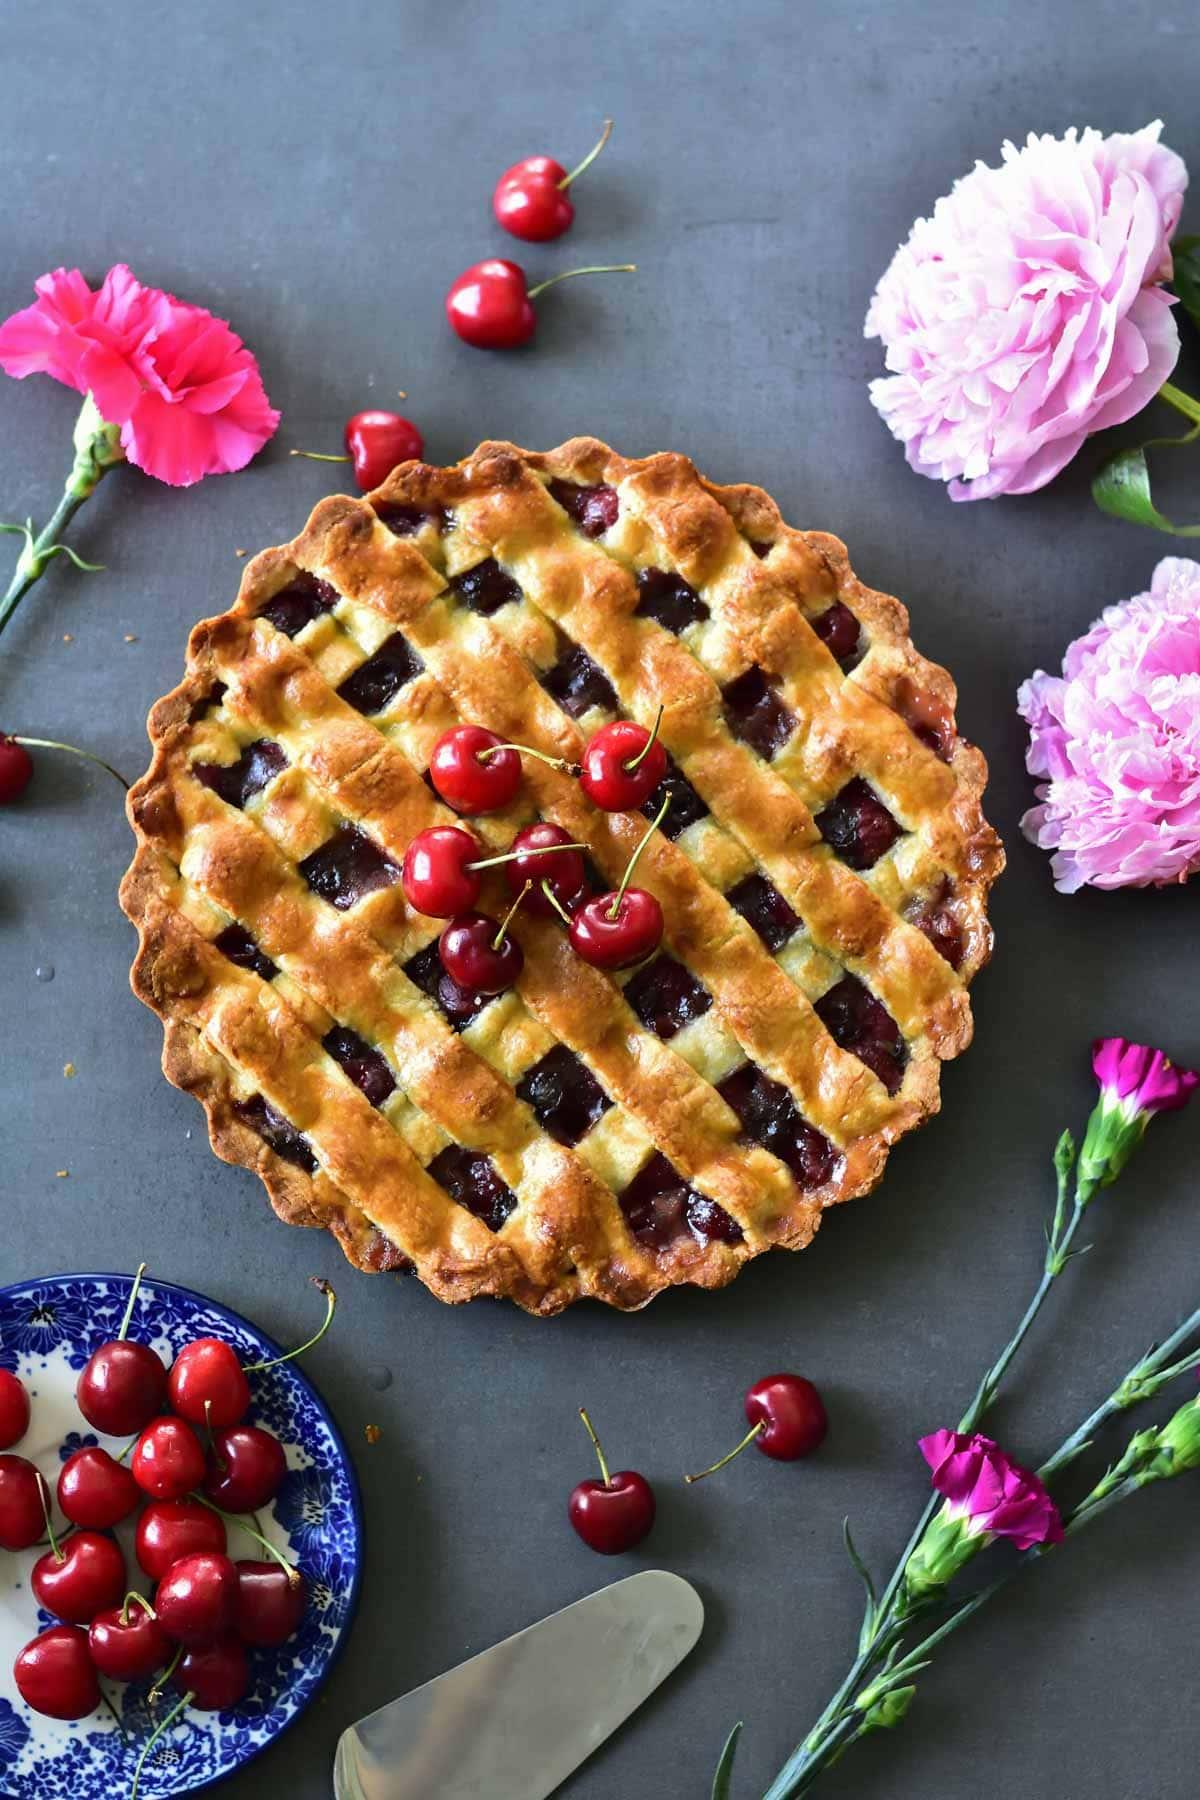 Tarta z czereśniami i czekoladą na ciemnym tle z czereśniami i kwiatami